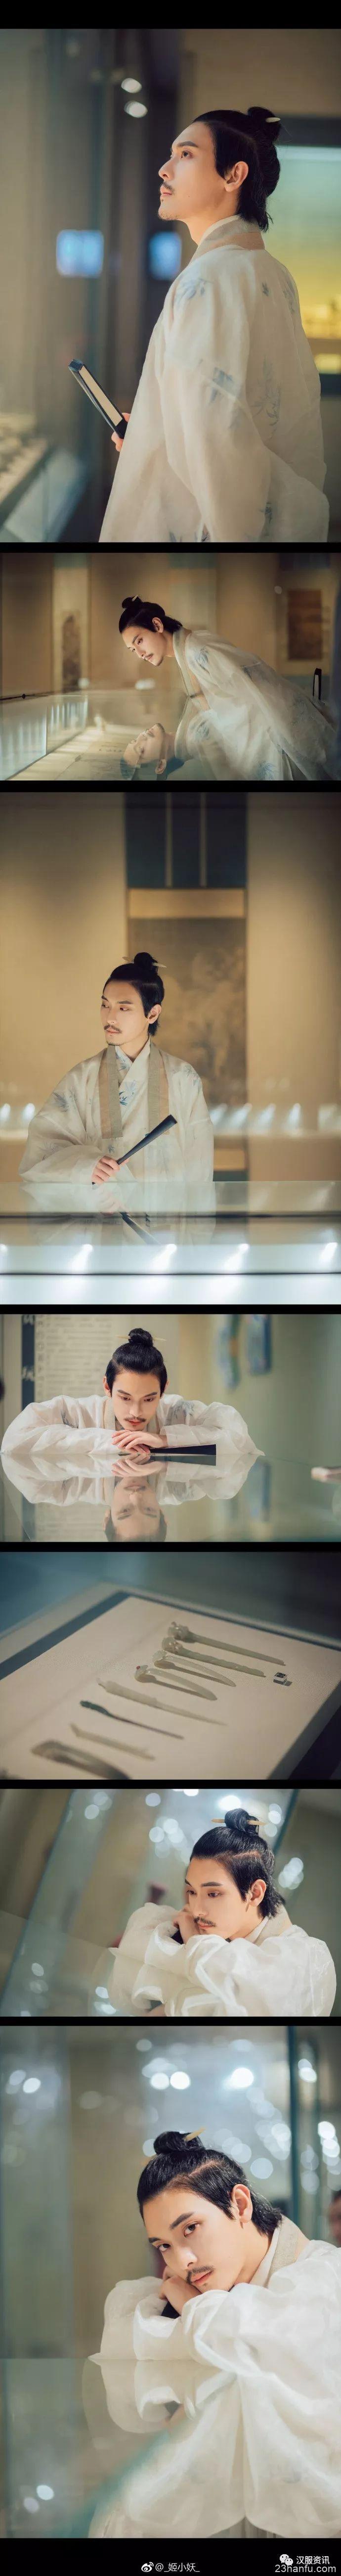 【汉服摄影】博物馆奇妙夜